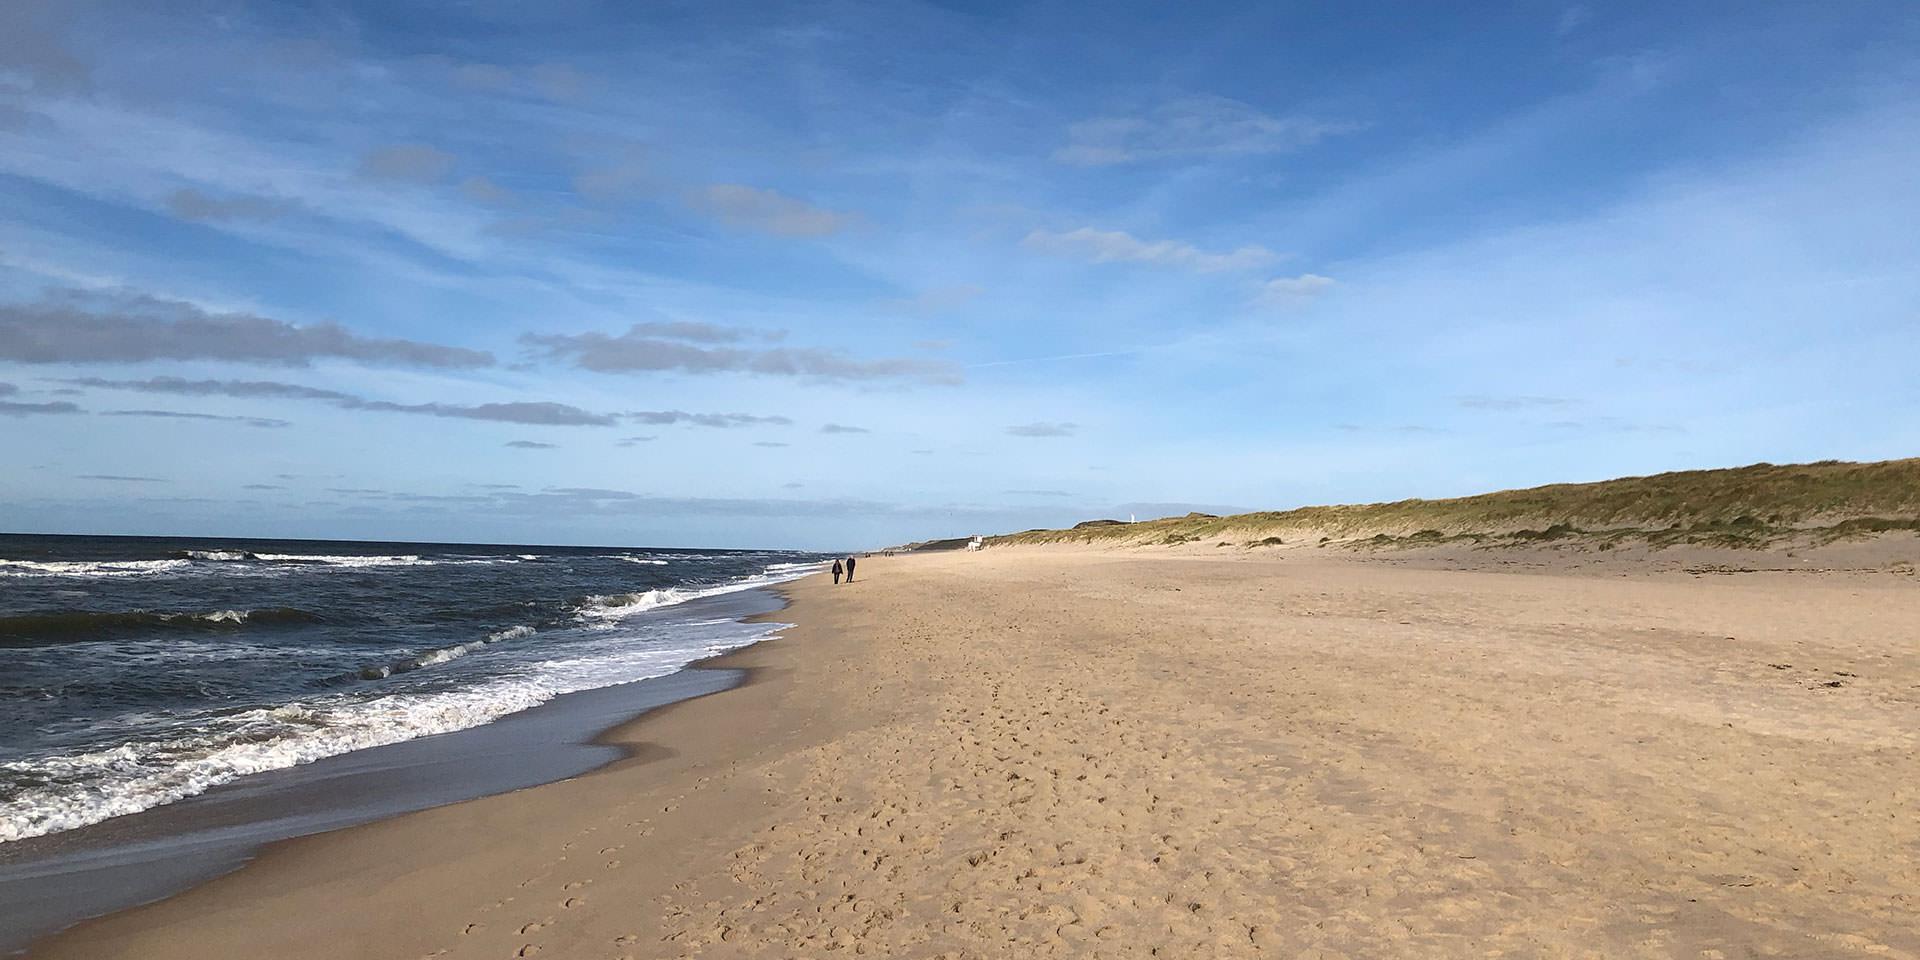 Strand am Meer mit blauem Himmel